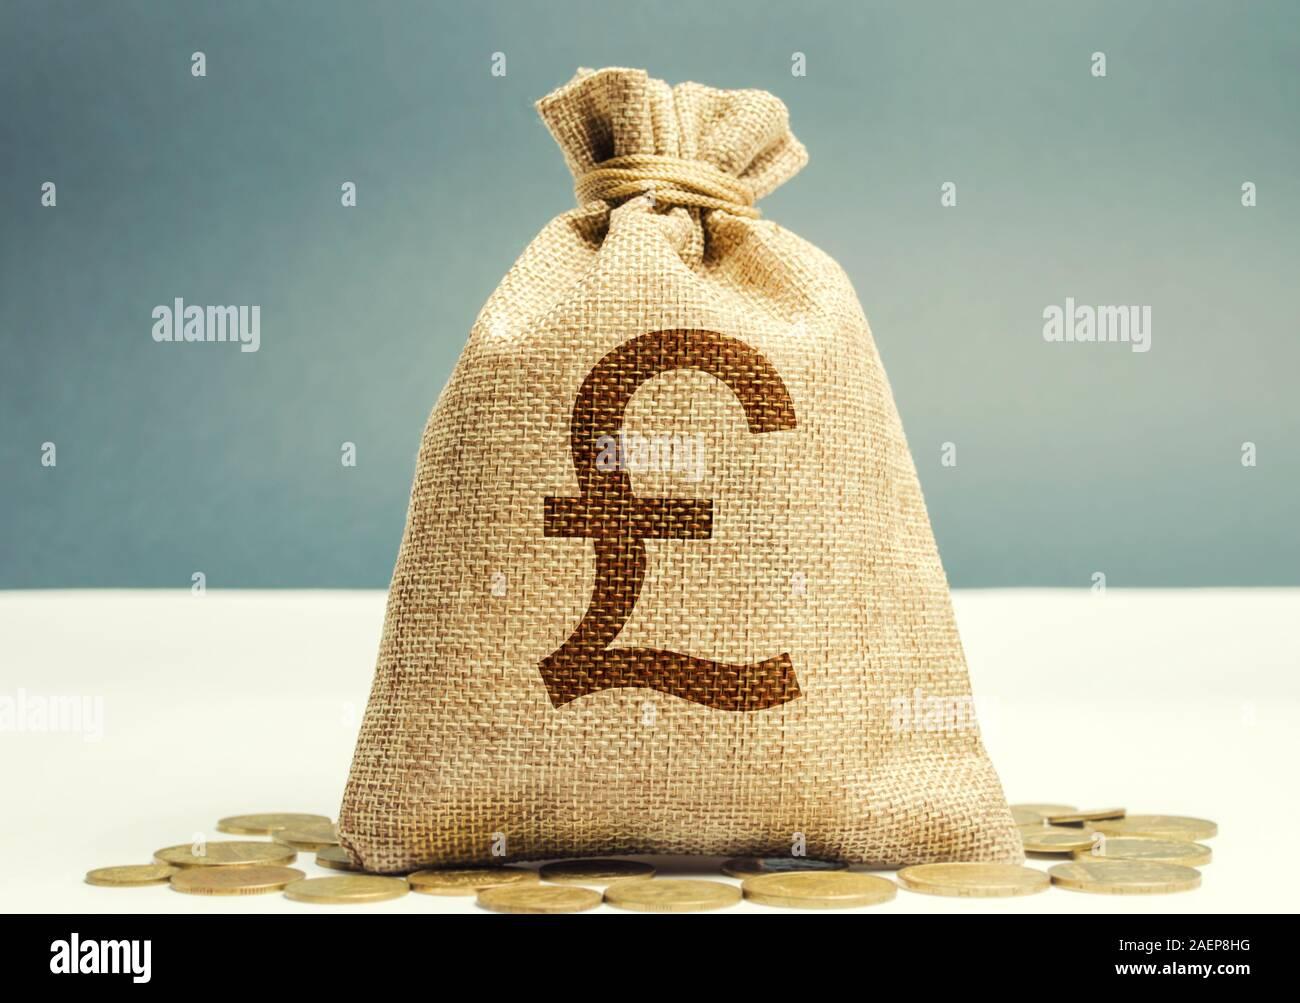 Geld Beutel mit Münzen. Gewinn- und Finanzen Konzept. Haushalt, Gehalt, Einkommen. Verteilung von Geld und Einsparungen. Pfund Sterling. Stockfoto